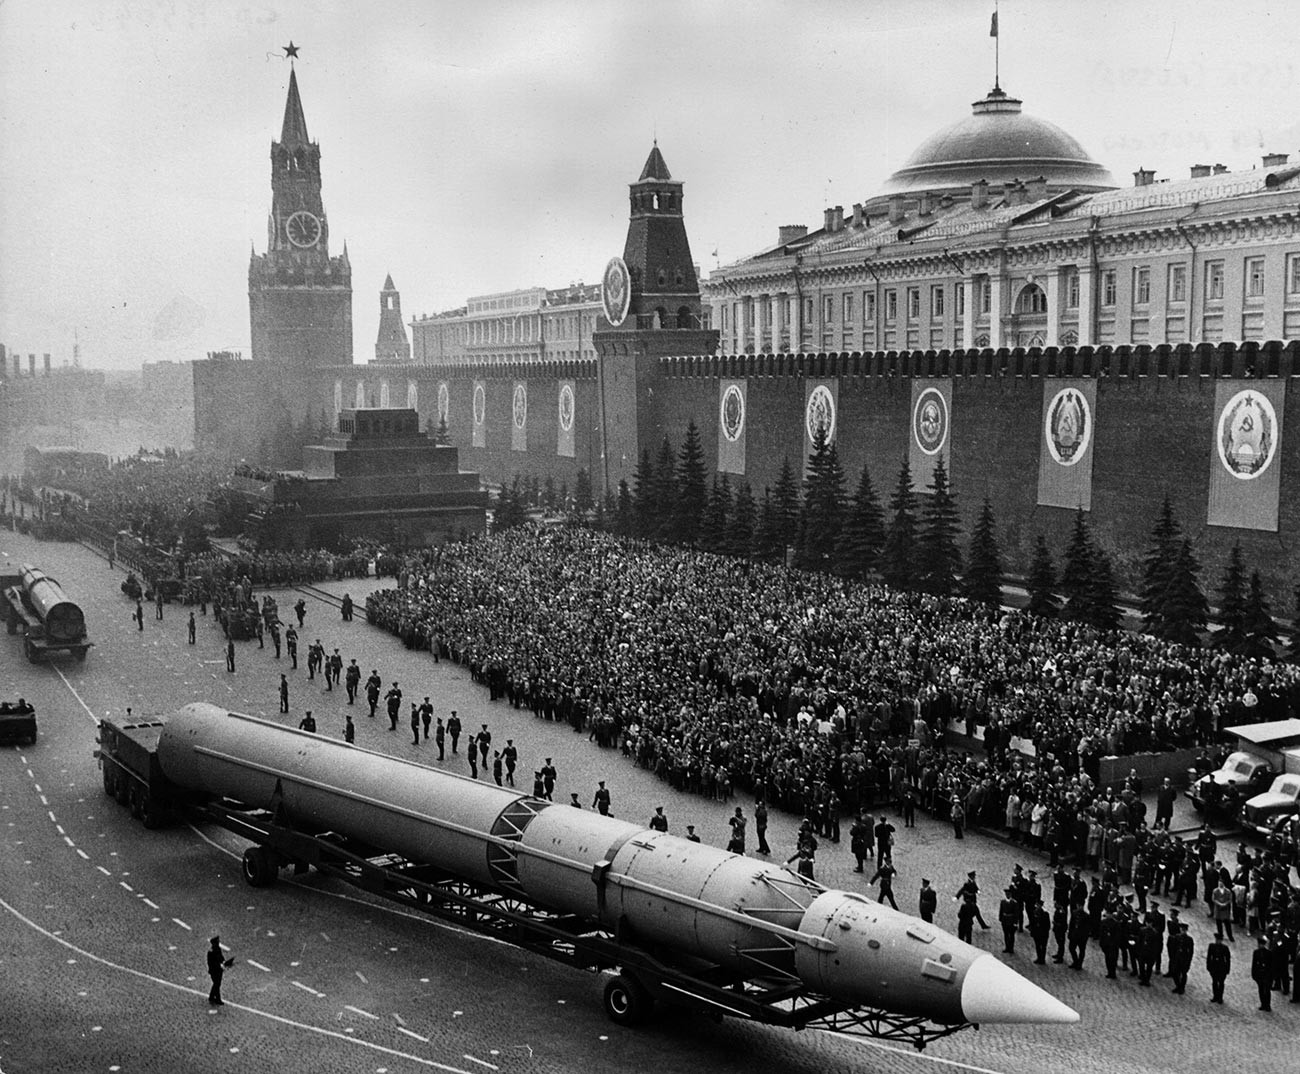 Руска интерконтинентална ракета на воена парада на Црвениот плоштад во Москва по повод 20-годишнината од завршувањето на војната во Европа.